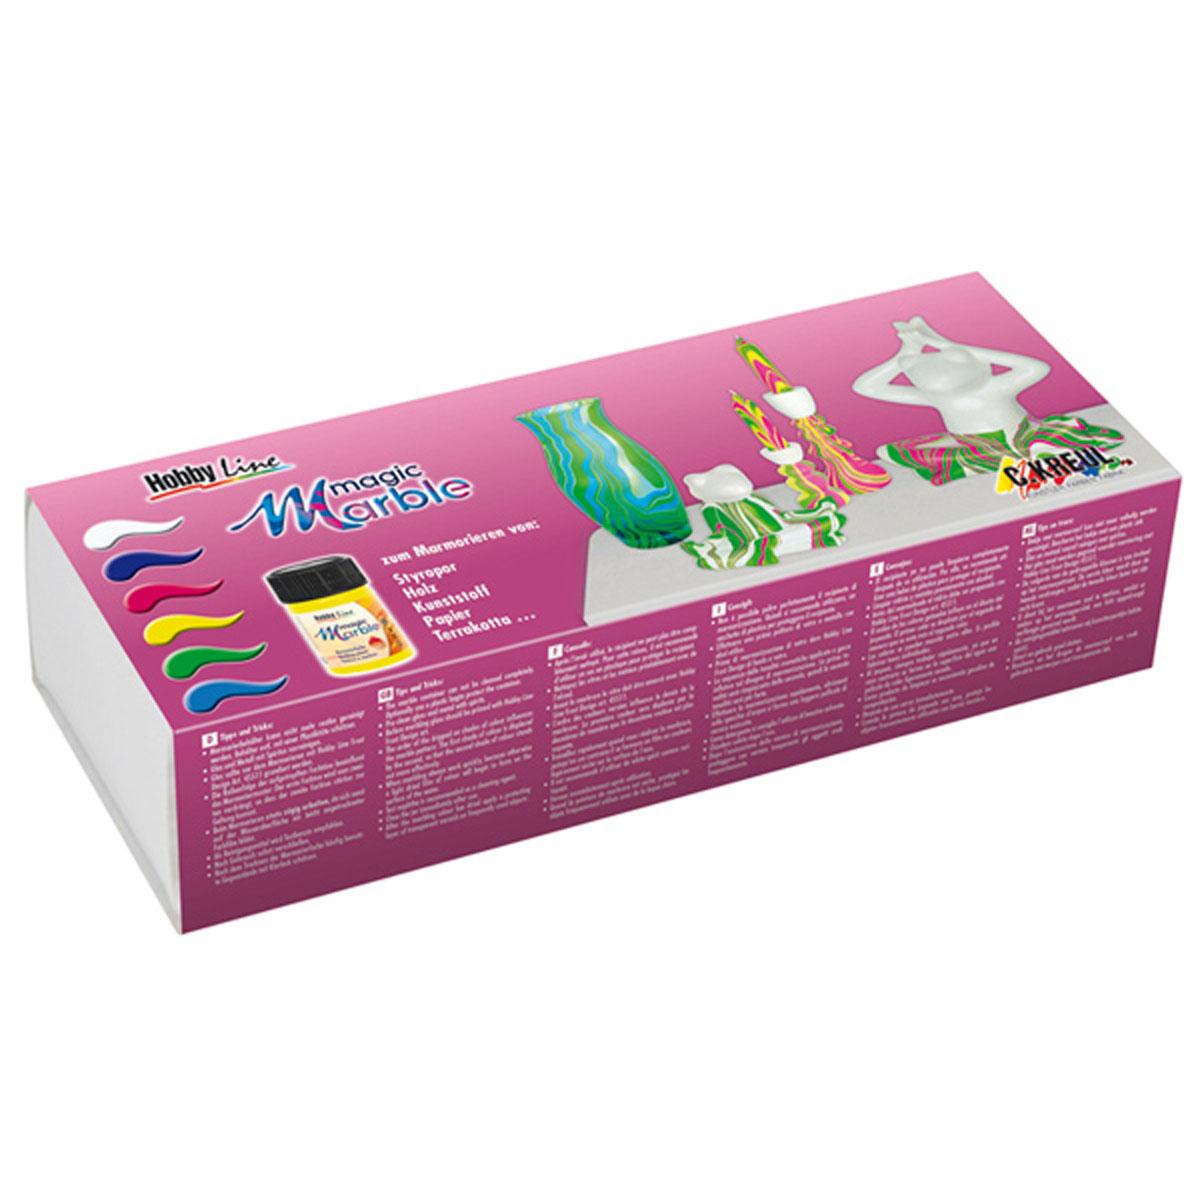 Набор красок для марморирования Magic Marble Swing StyleKR-73612Прекрасный набор ярких красок для создания эффекта «мрамора» на изделиях из дерева, стекла, бумаги, металла, пластика, ткани, терракоты, пенопласта и керамики. Применение: перед окрашиванием поверхность необходимо обезжирить. Рекомендуется использовать одновременно не более 3 цветов. Порядок, в котором разводятся краски в воде, будет играть роль в создании узора. Первый цвет будет частично замещён вторым, т.е. второй цвет станет более насыщенным. Для одноцветного марморирования используют бесцветную краску и выбранный цвет. Краски можно смешивать друг с другом, создавая собственный цвет. Работы по марморированию слудует проводить быстро, иначе красочная плёнка застынет на поверхности воды. Оригинальные цвета могут получиться только на белой поверхности. Краски, нанесённые на тёмную поверхность (дерево и т.д.), дадут более тёмный цвет по сравнению с исходным. Перед марморированием ткани проверьте действие красок на небольшом фрагменте. 1. Наполните водой ёмкость, которая сможет...